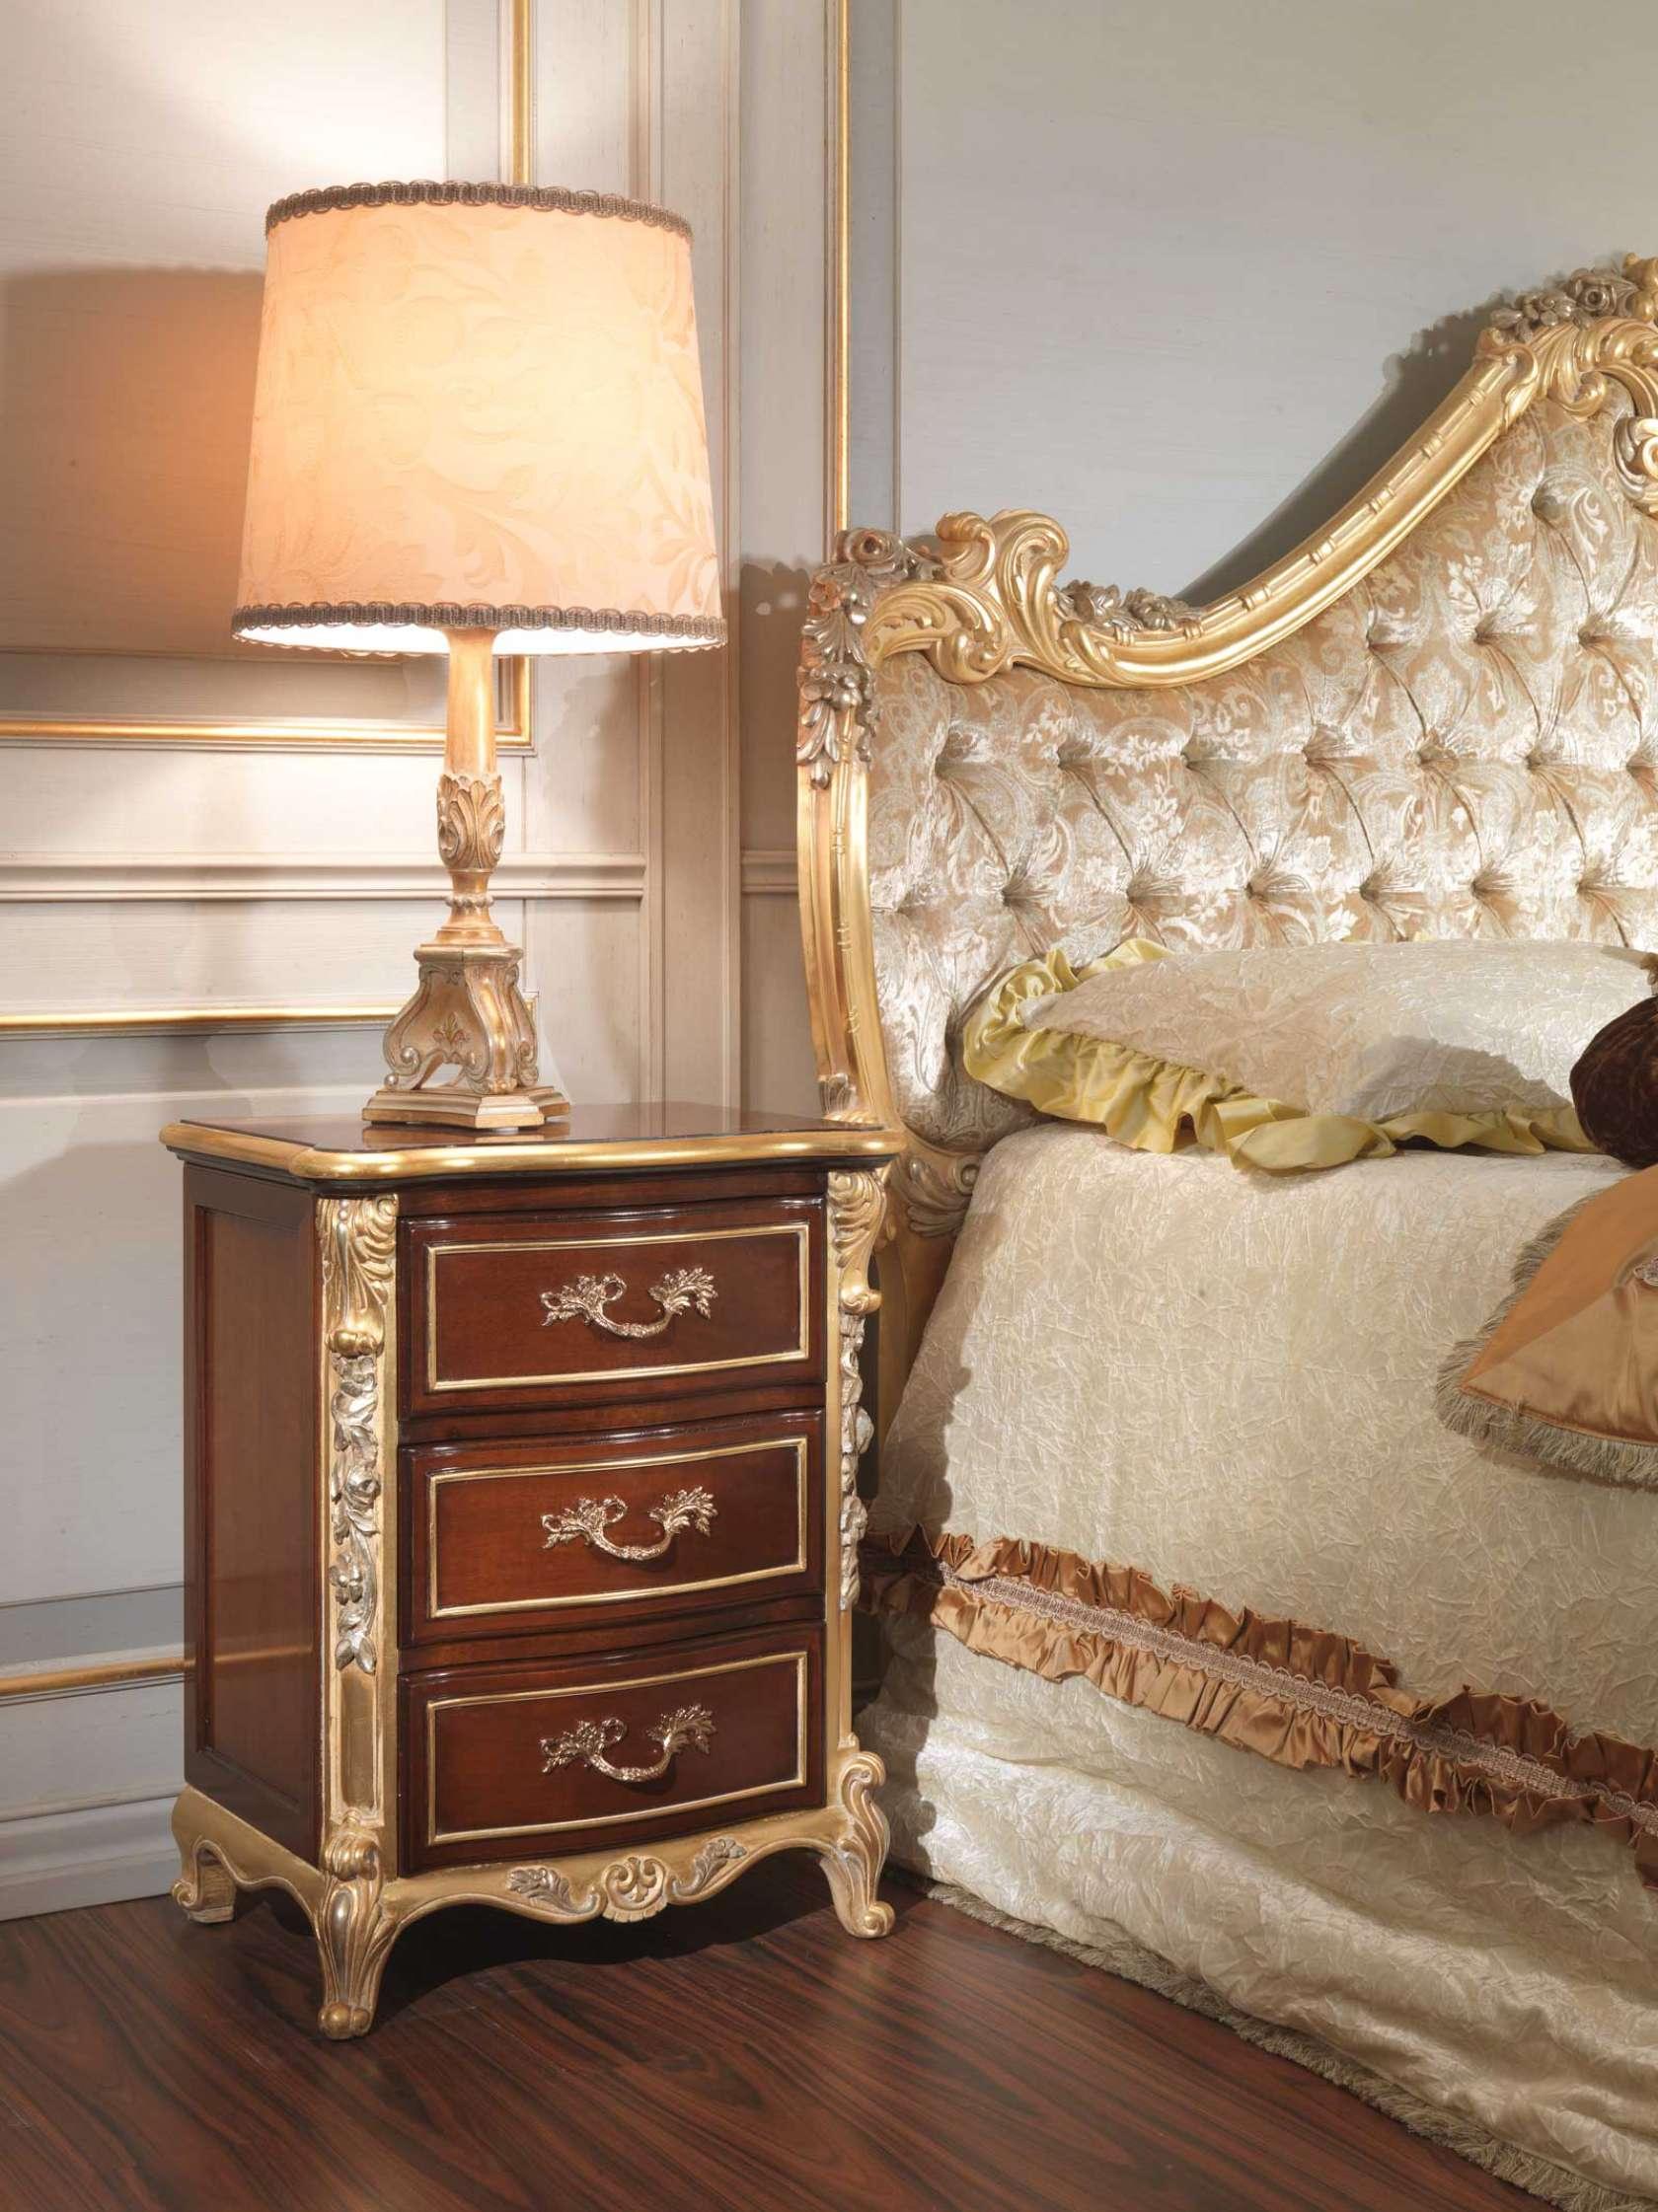 camera da letto classica 700 italiano comodino